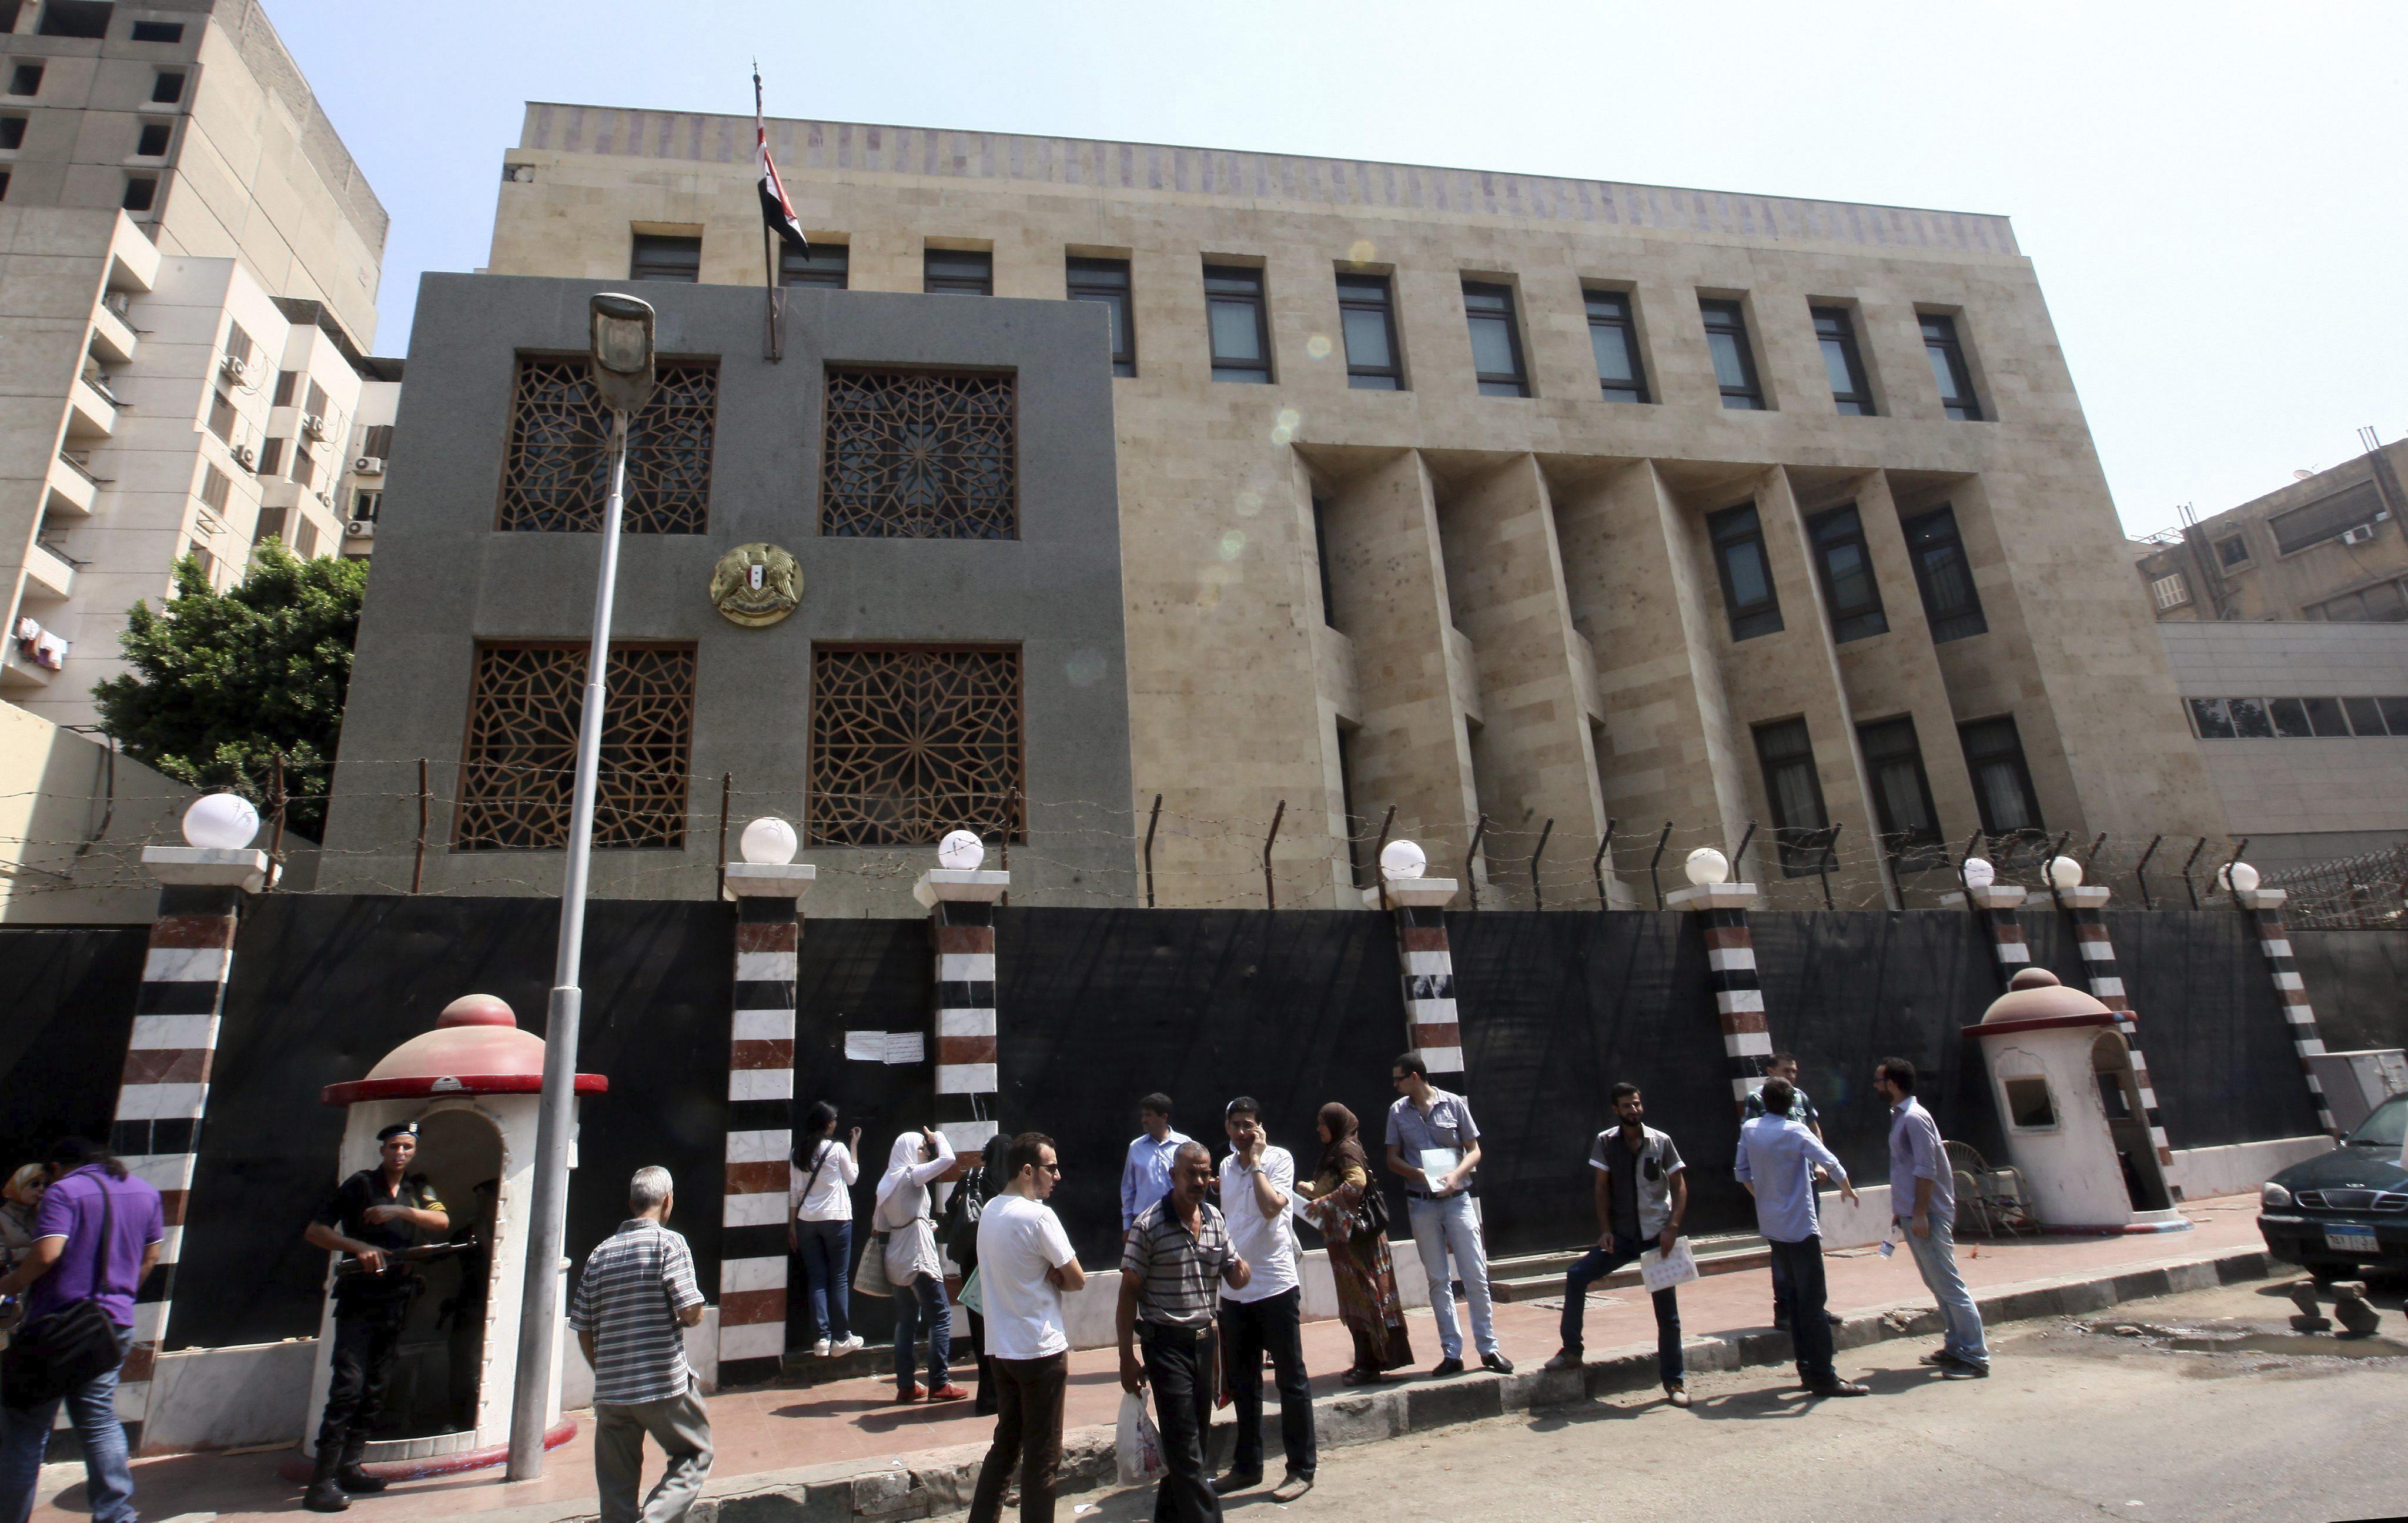 Egipto detiene ilegalmente a refugiados y los deporta a Siria, denuncia AI